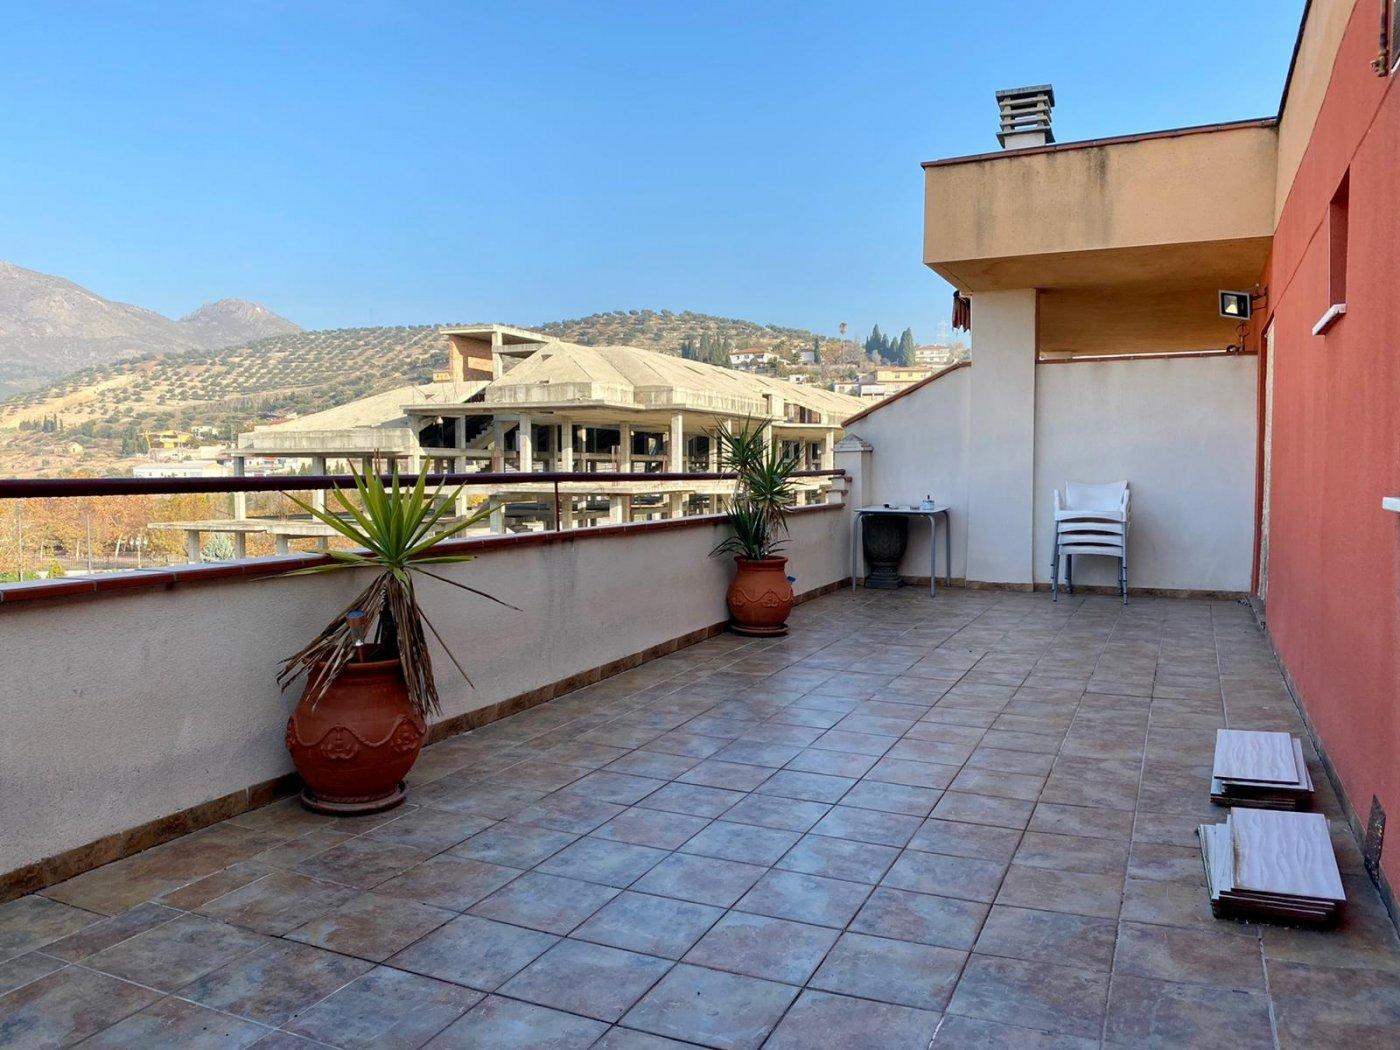 Ático duplex en urbanización con piscina y zona infantil. Un dormitorio, y  2 cocheras, Granada